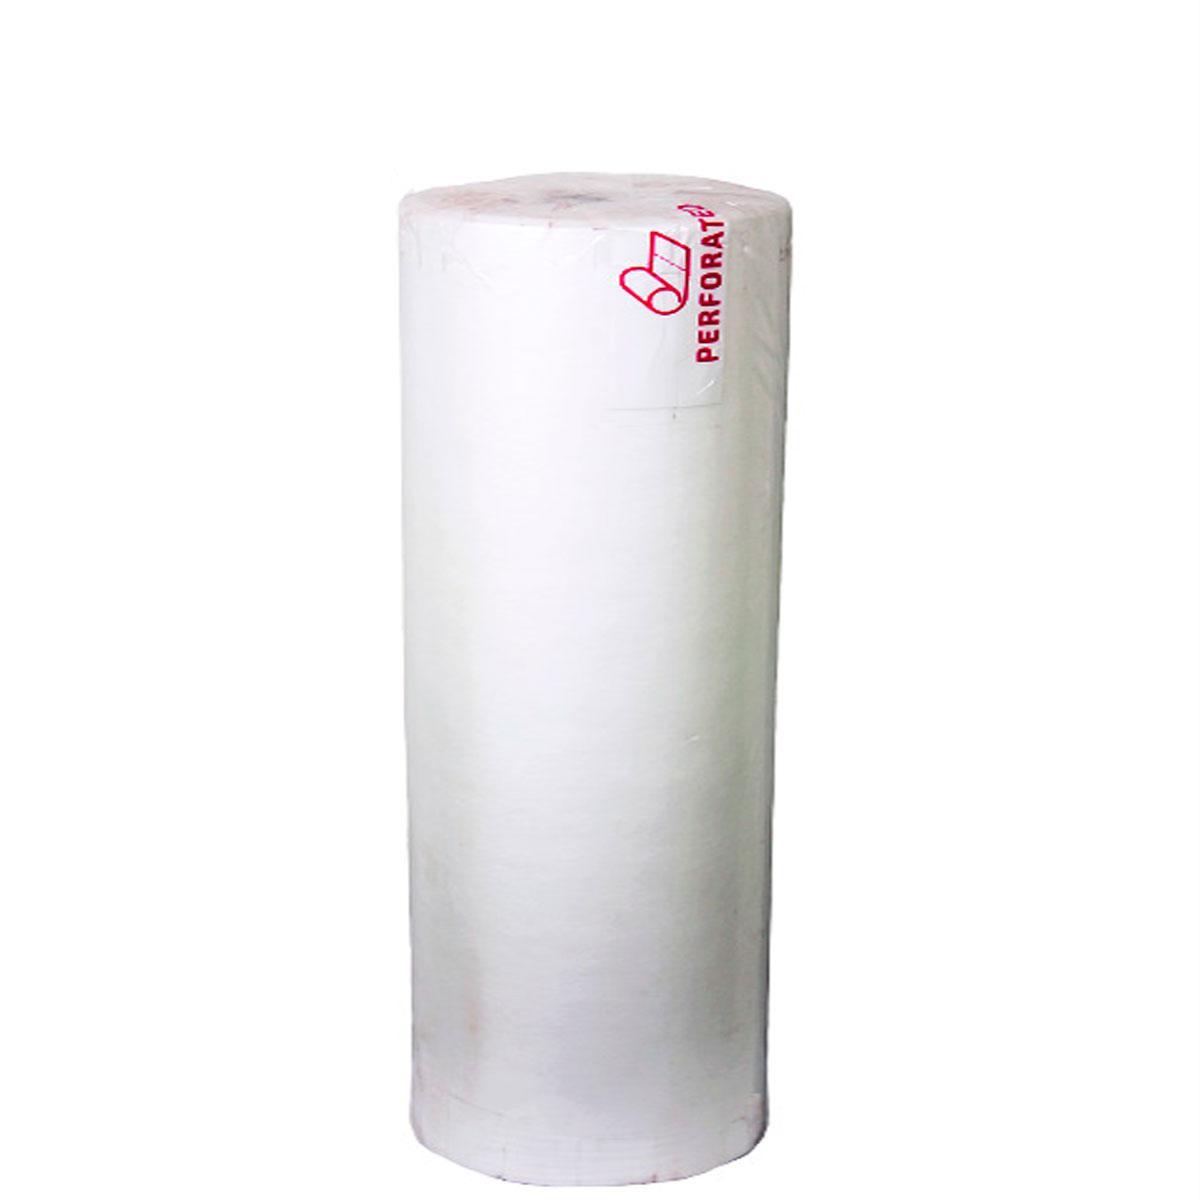 Простынь одноразовая 0,8х500м с перфорацией (20г/м²)